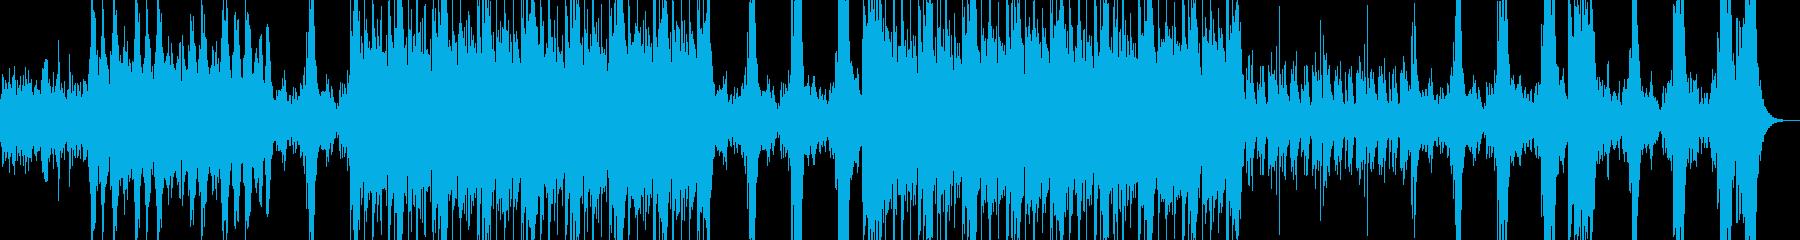 和太鼓/アンサンブル/和風/力強い/合奏の再生済みの波形